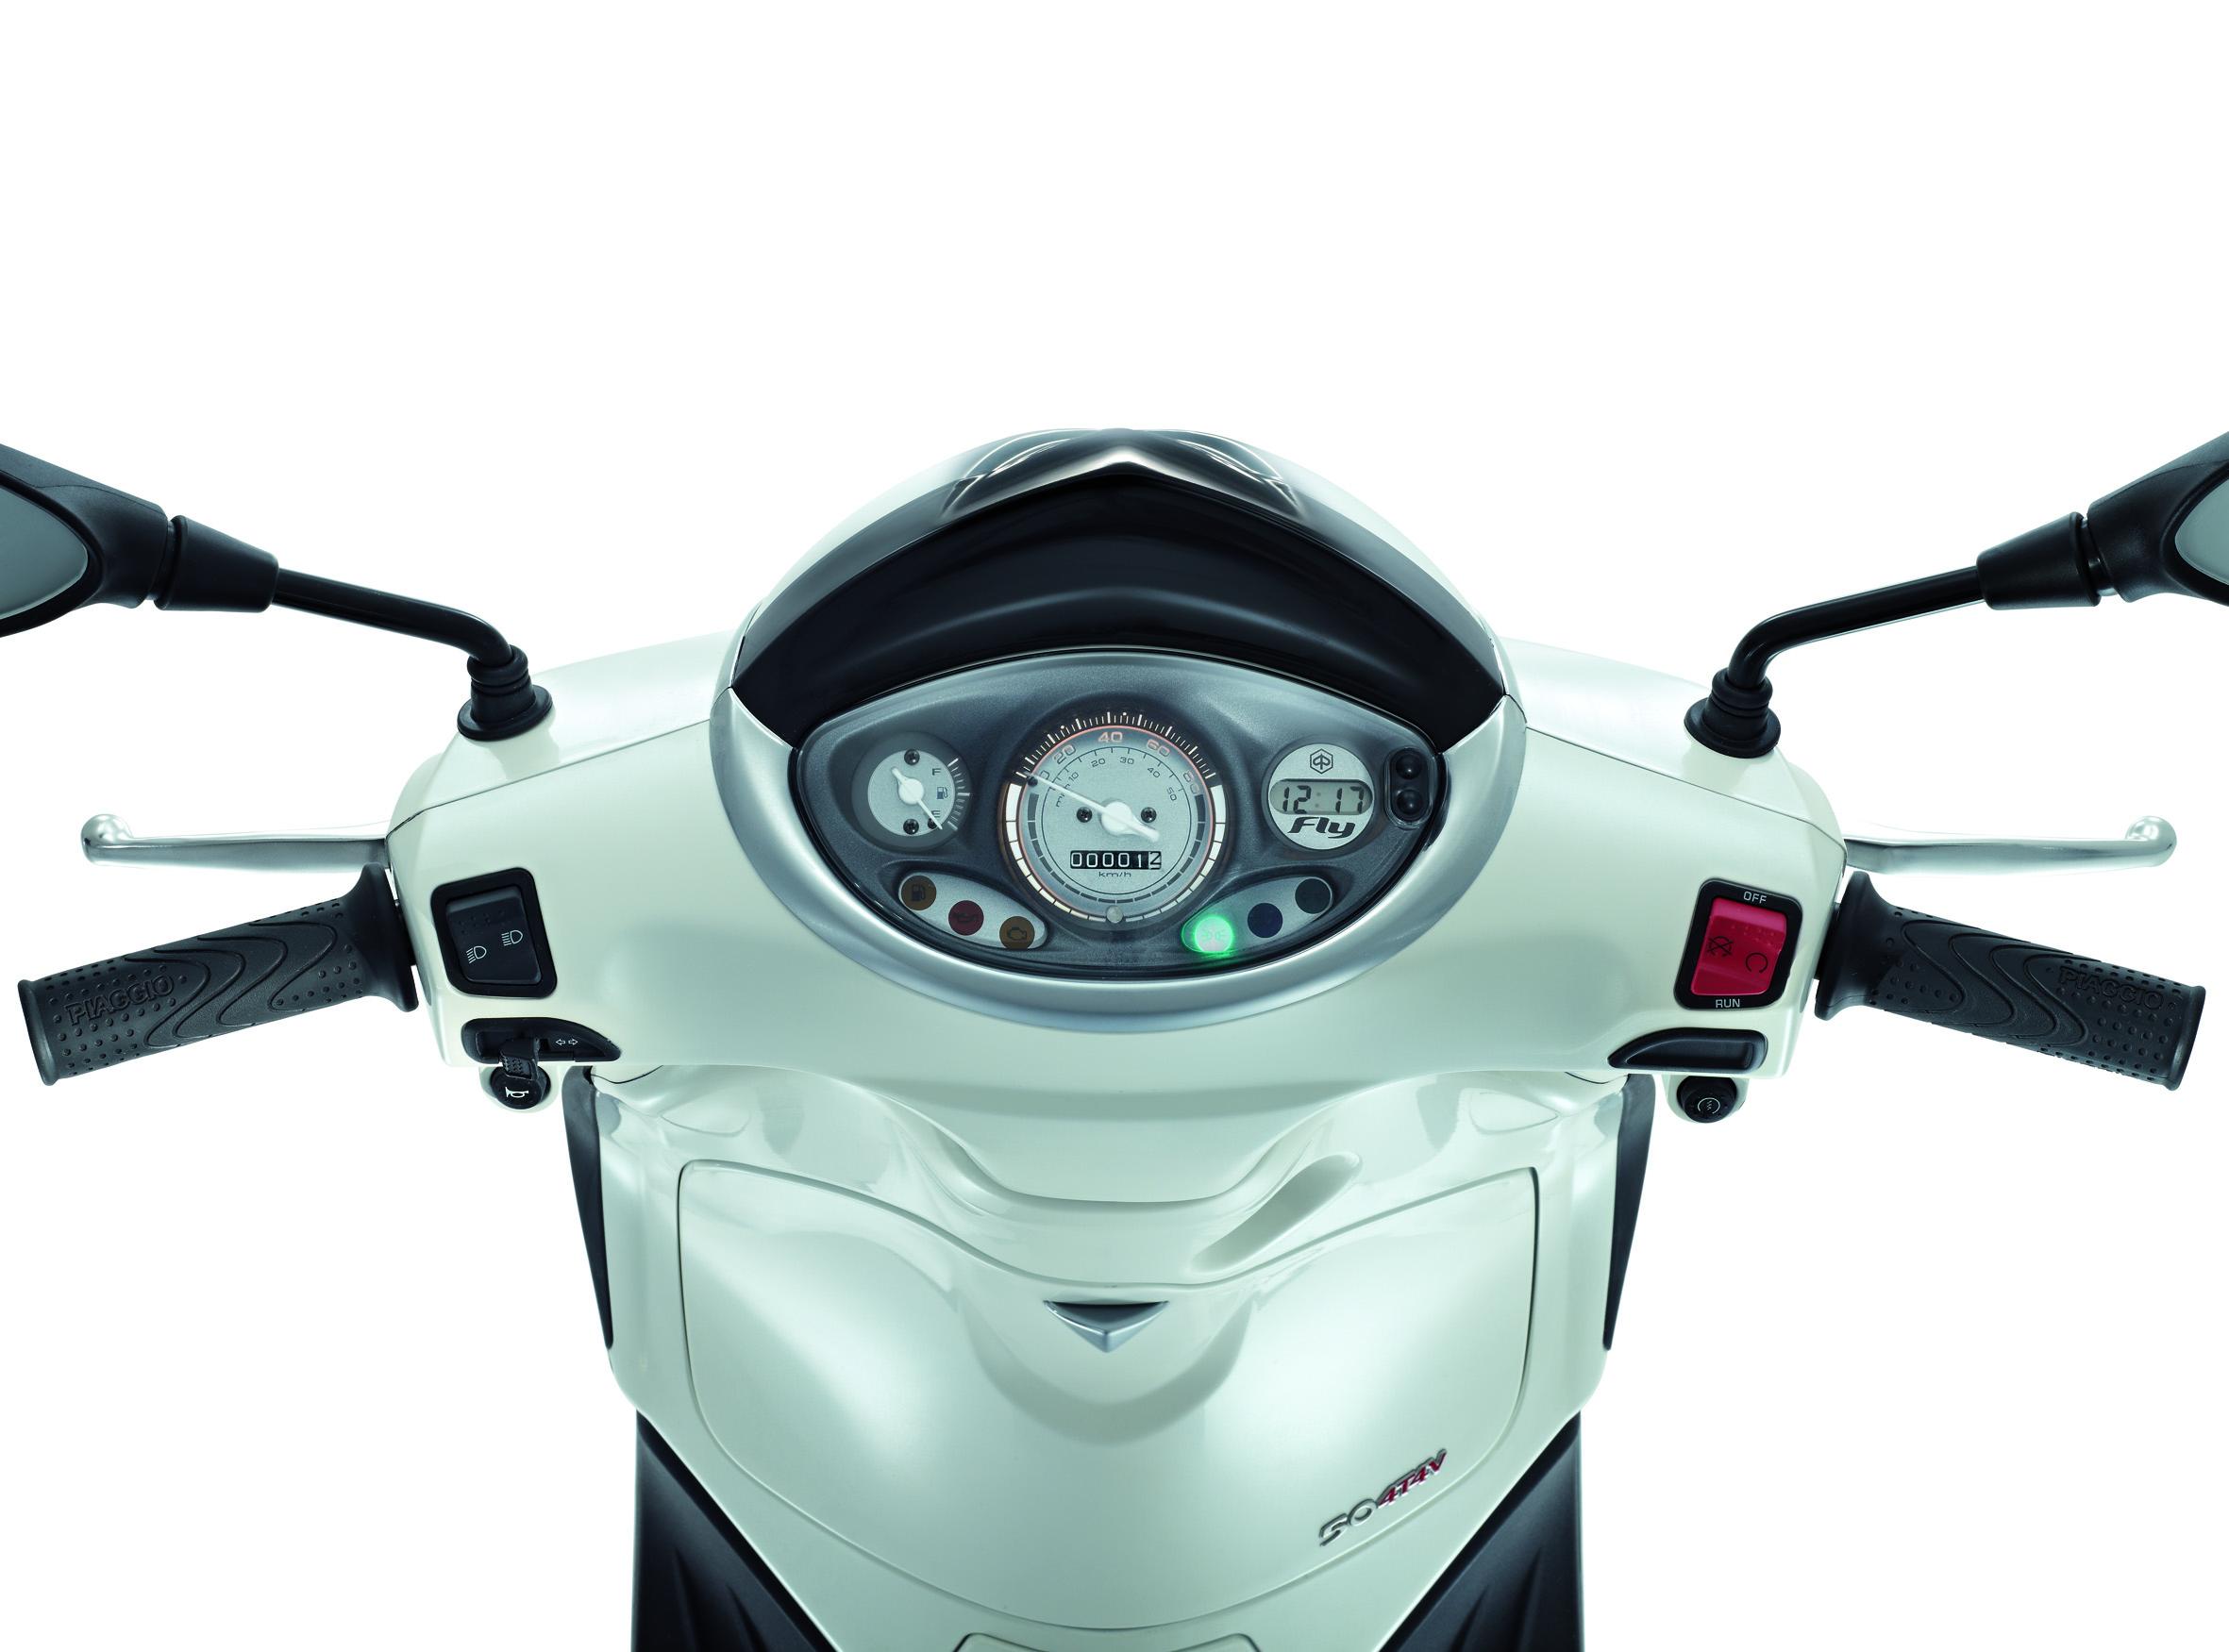 Обзор скутера Piaggio Fly 50 4V